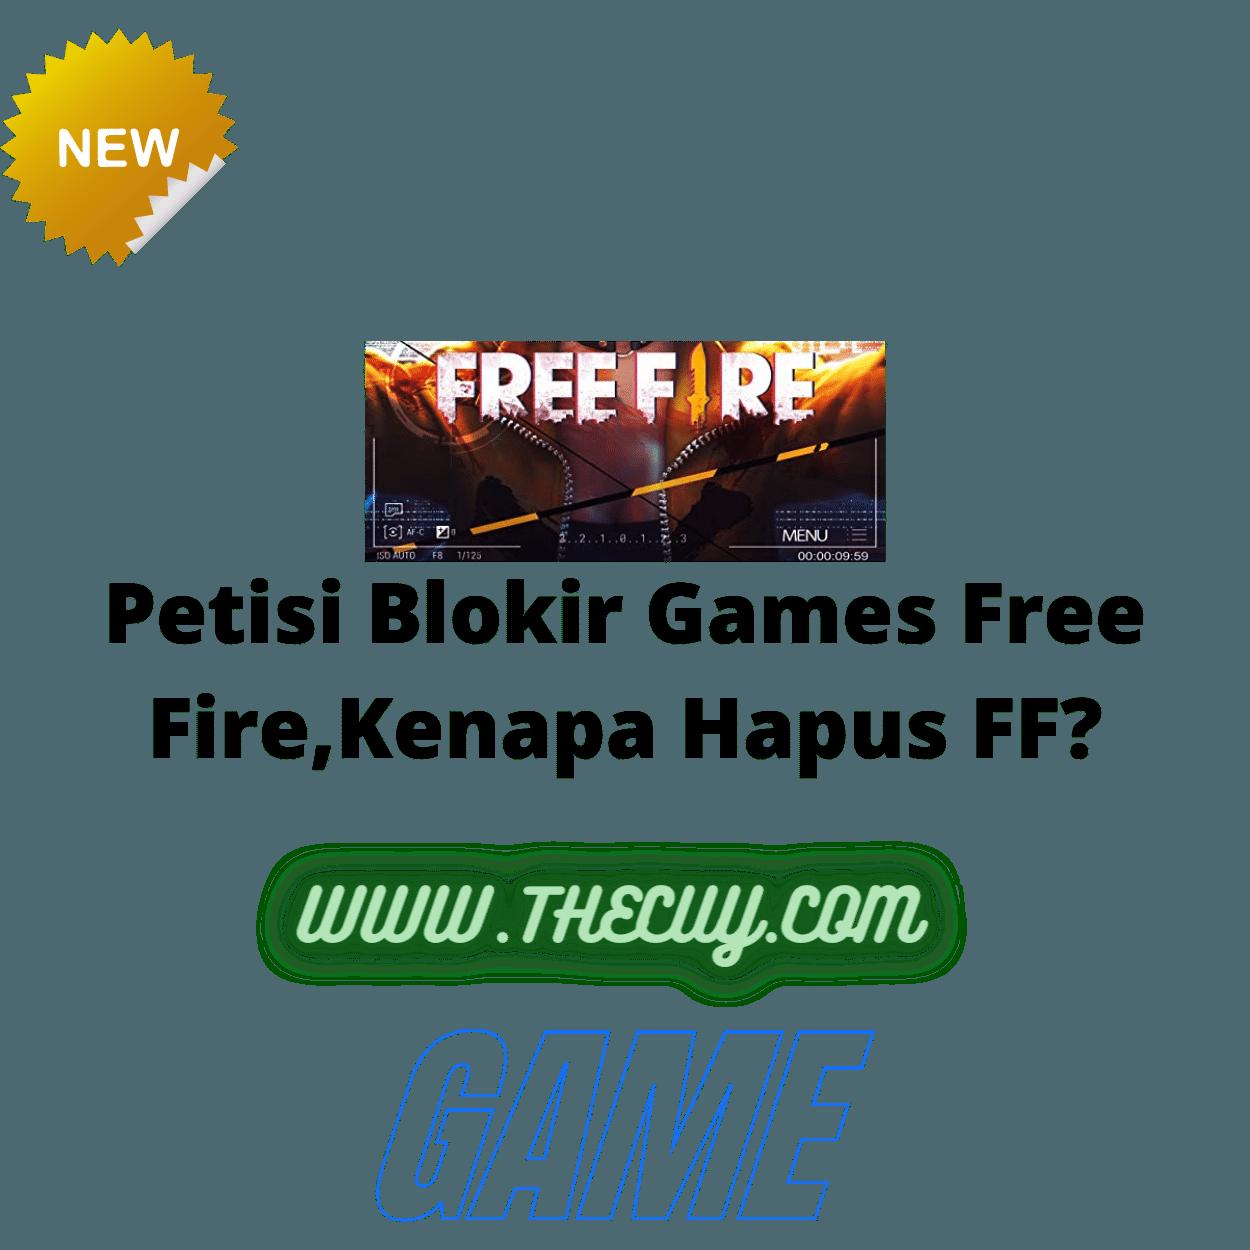 Petisi Blokir Games Free Fire,Kenapa Hapus FF?